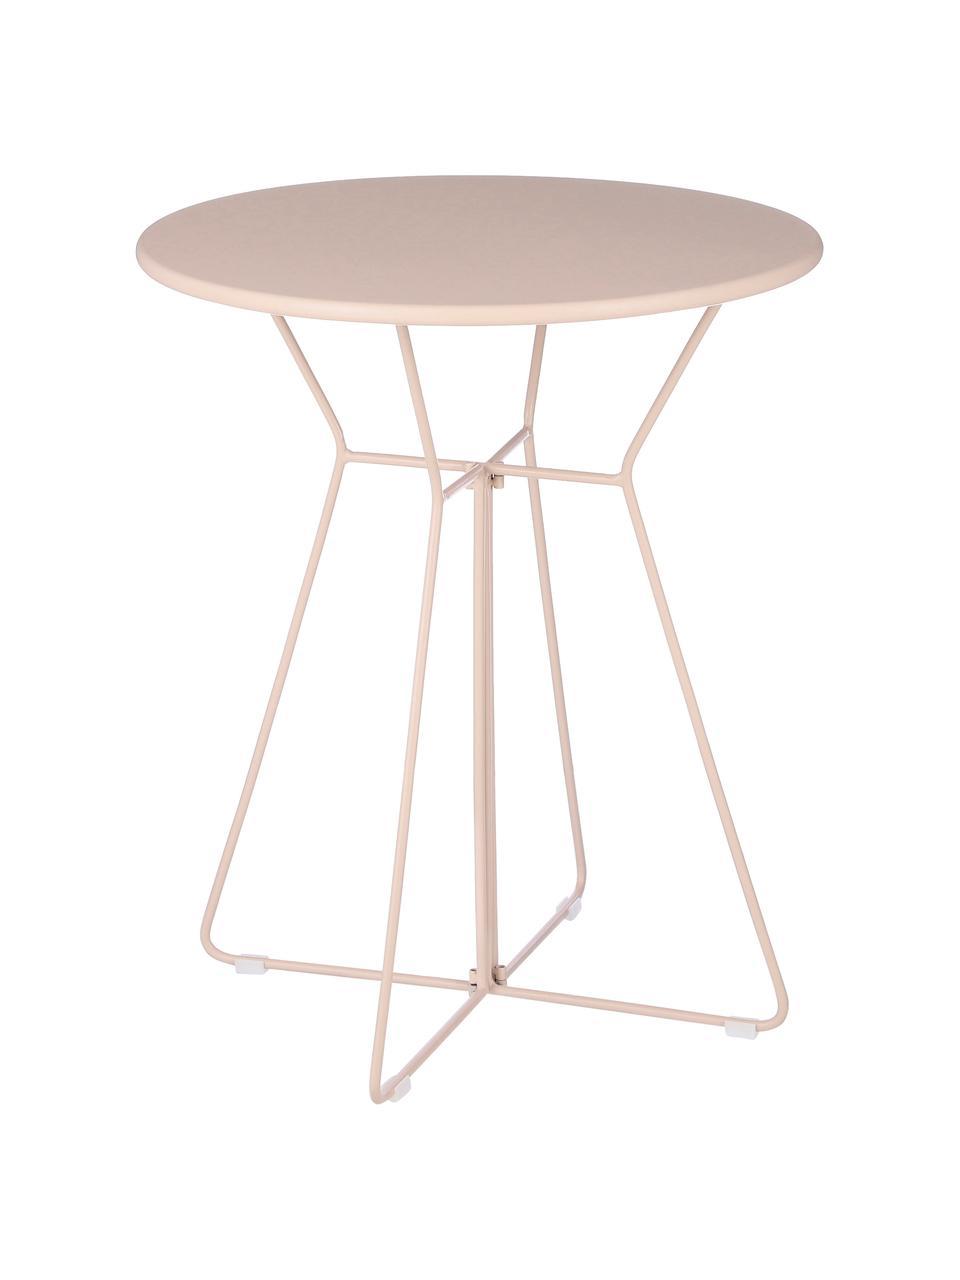 Table de balcon ronde en métal Bueno, Rose